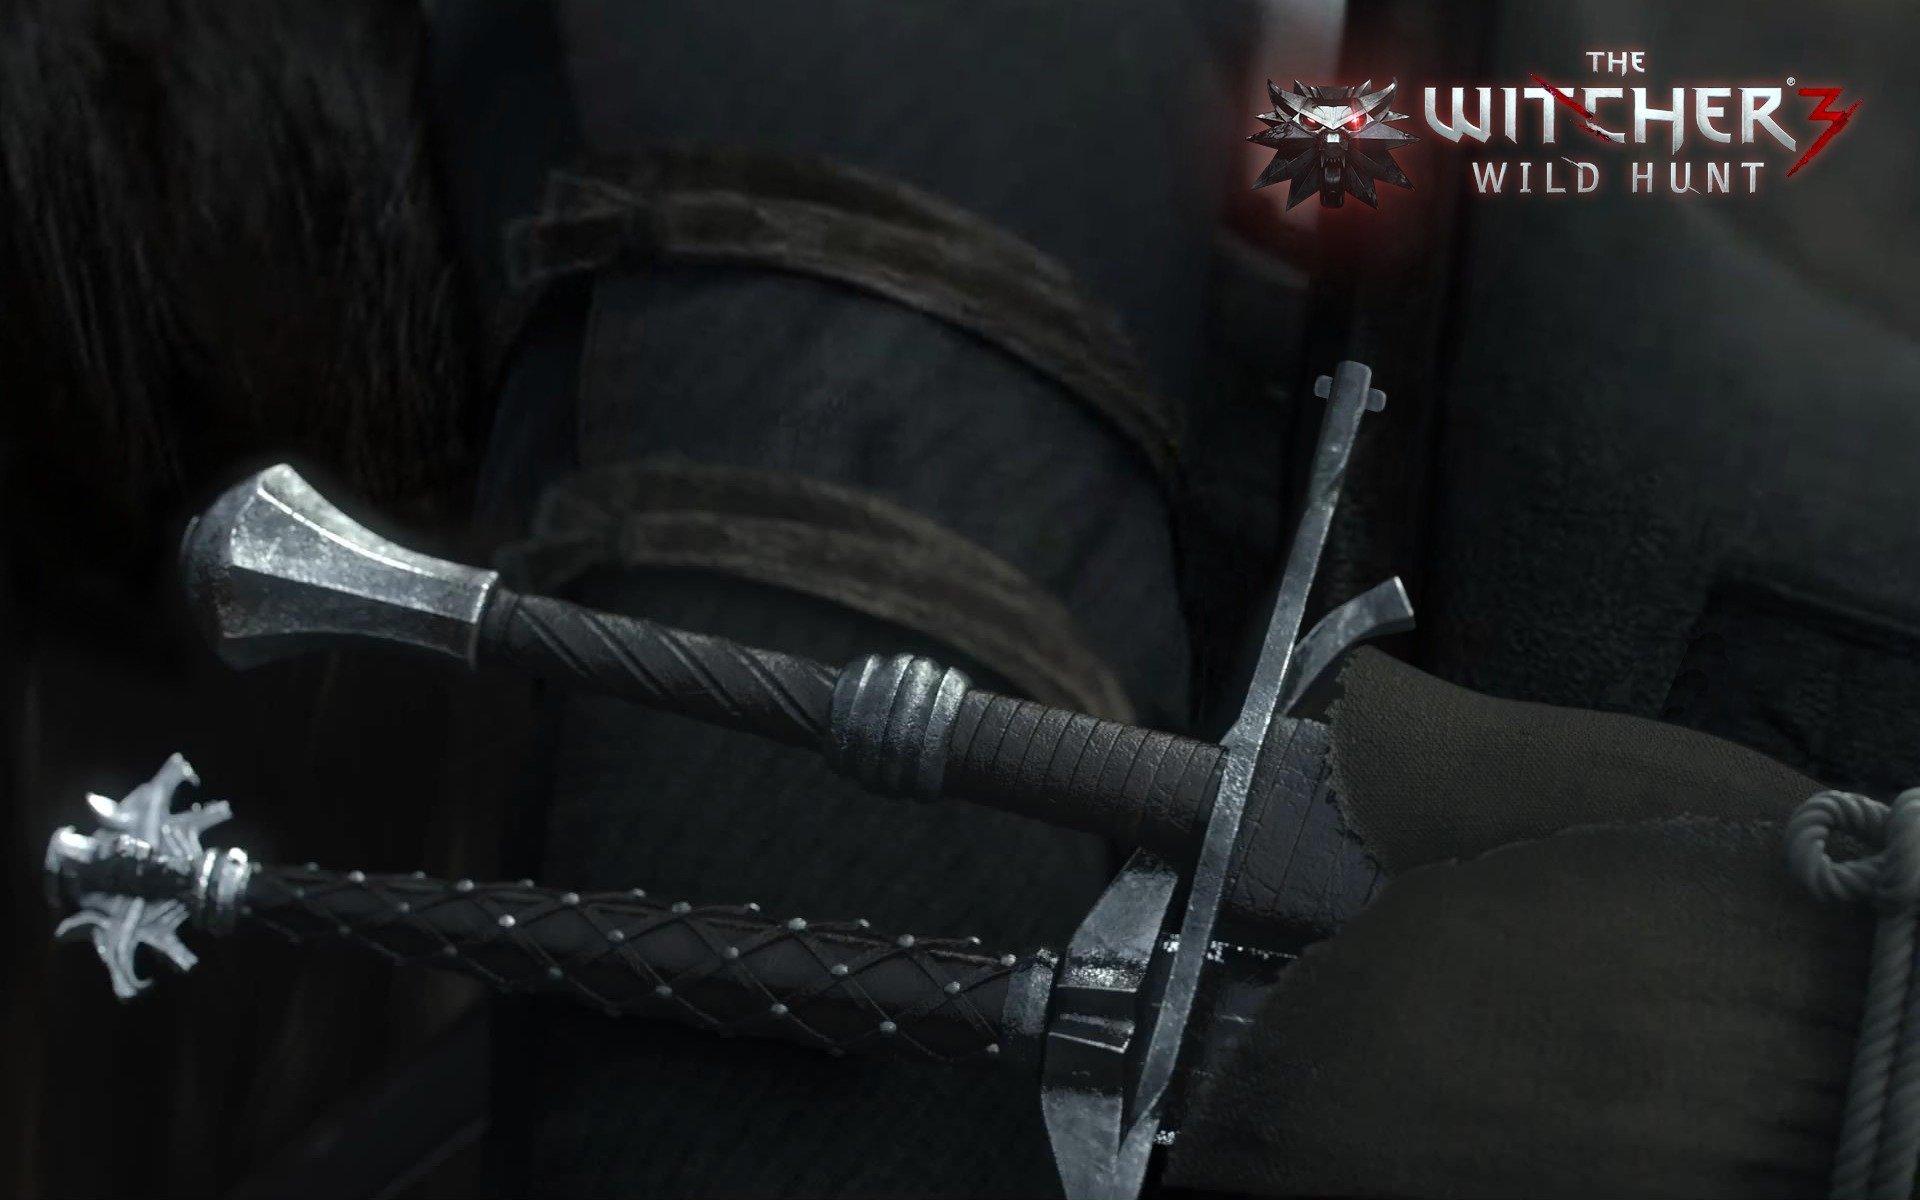 The Witcher 3: Wild Hunt. Мат.    «Мы тебе ща въ*бем» — кричали пираты Велена, расчехляя мечи.   «Да когда ж вы, бл* ... - Изображение 1